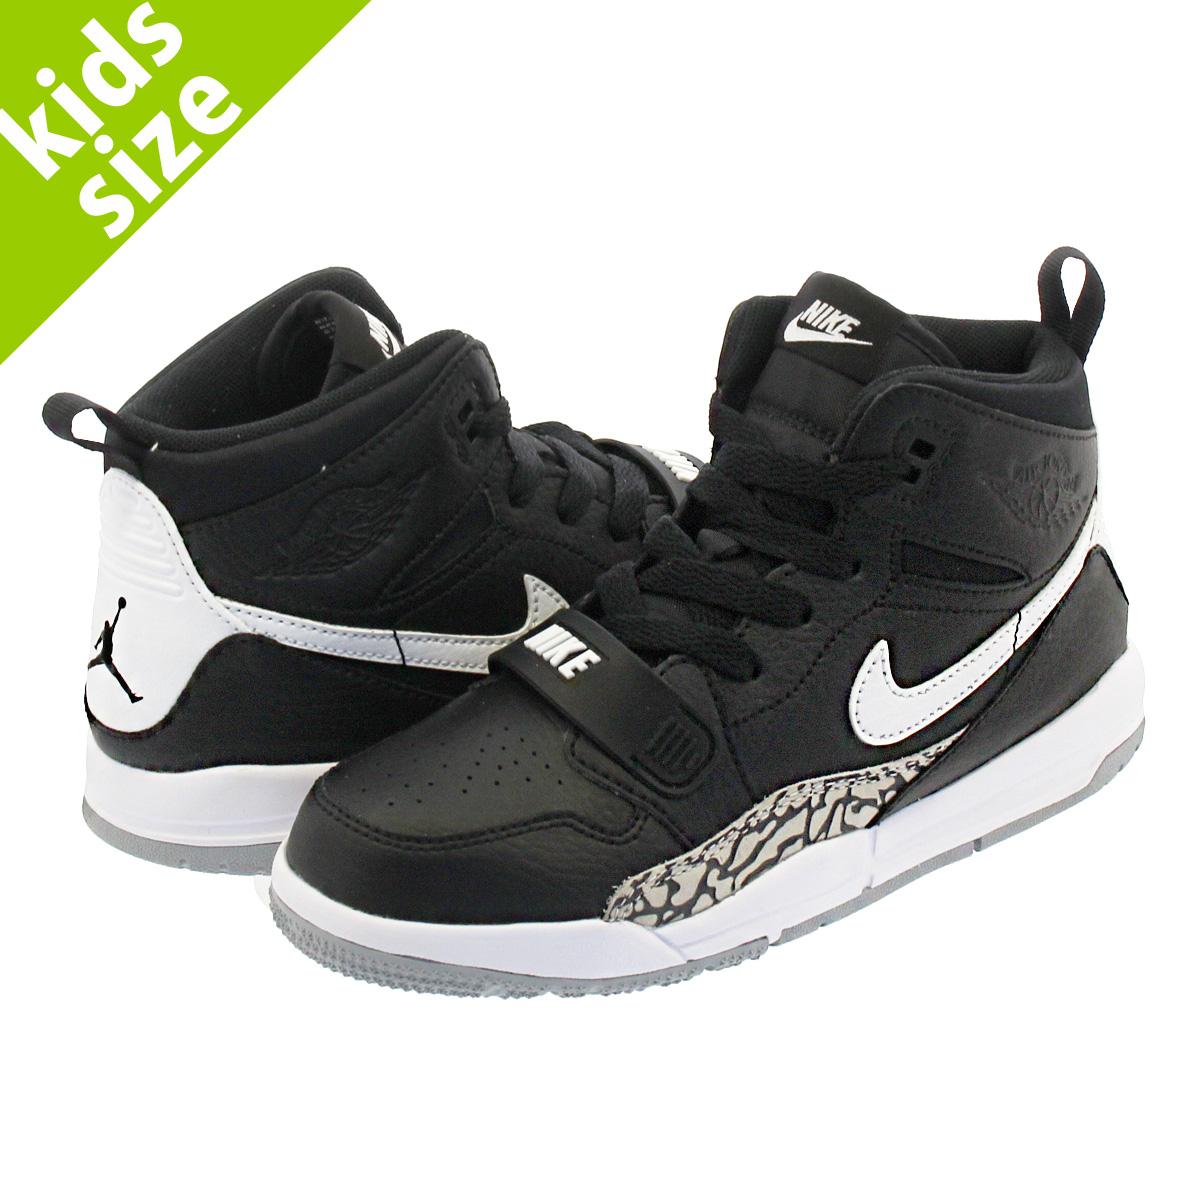 92c16b2b3c4d NIKE AIR JORDAN LEGACY 312 PS Nike Air Jordan Legacy 312 PS BLACK WHITE  at4047-001